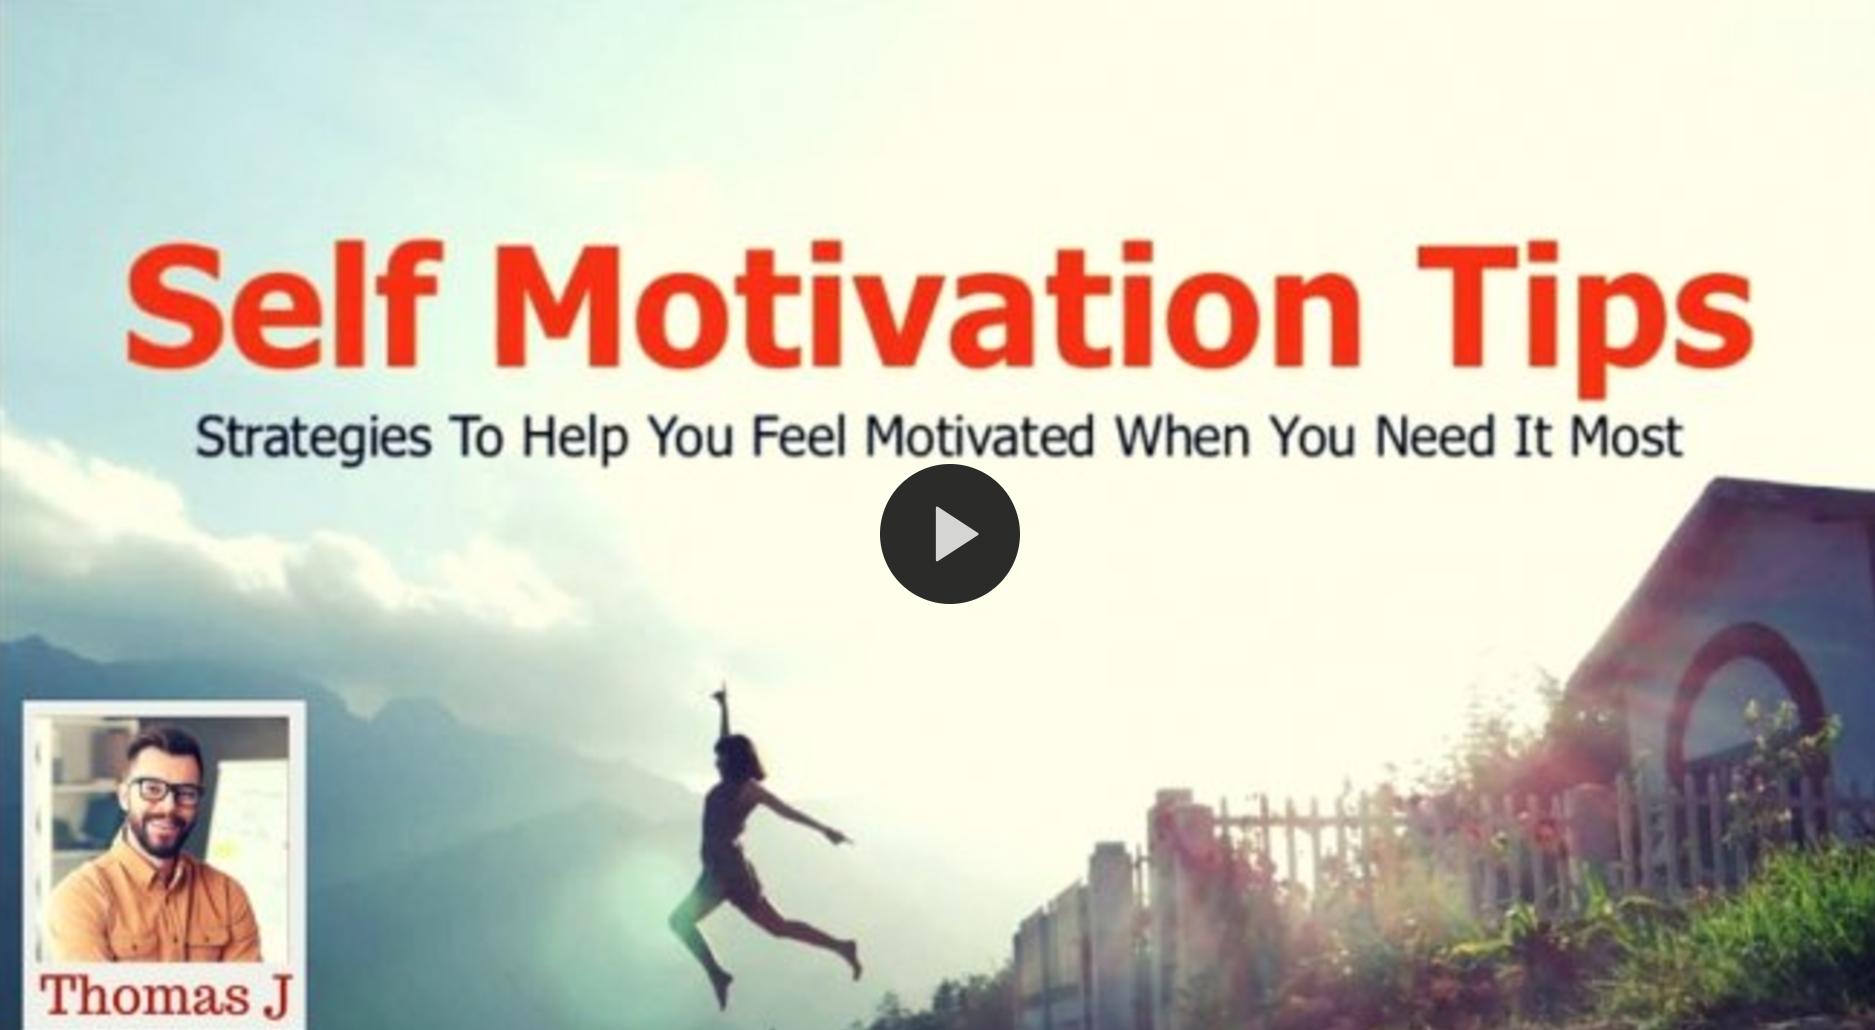 Self Motivation Tips - Online Course / Siempre decimos que el próximo año va a ser 'nuestro año', ahora es tiempo de cumplir esta promesa! Aquí estan 5 cursos en línea para ser éxitoso este año.